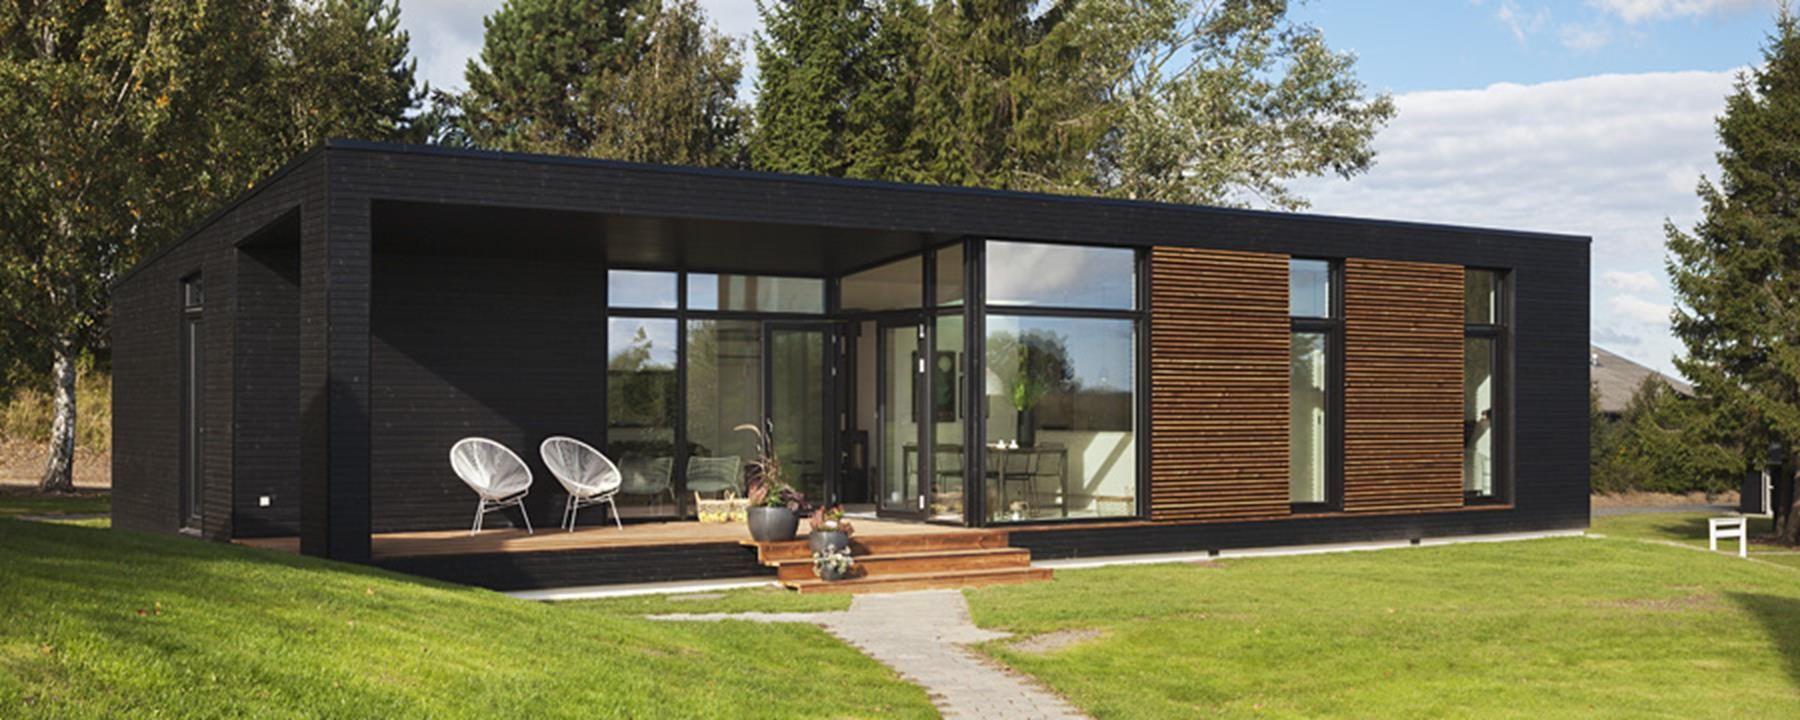 Onv galleri 24 kleinhaus bauen pinterest for Holzhaus kleinhaus